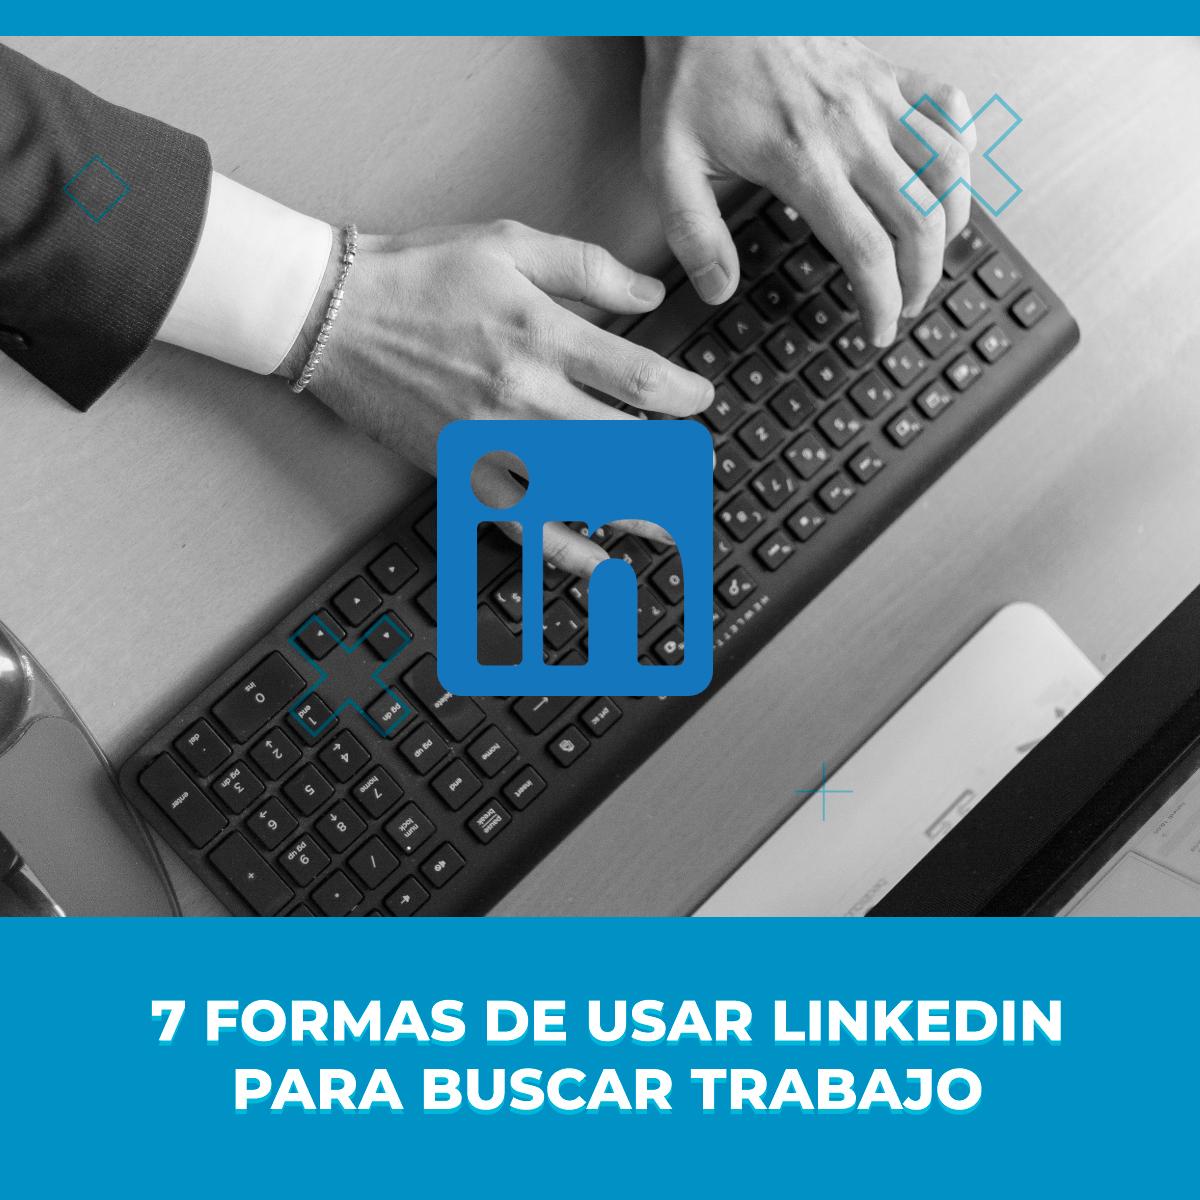 7 consejos para conseguir trabajo por LinkedIn